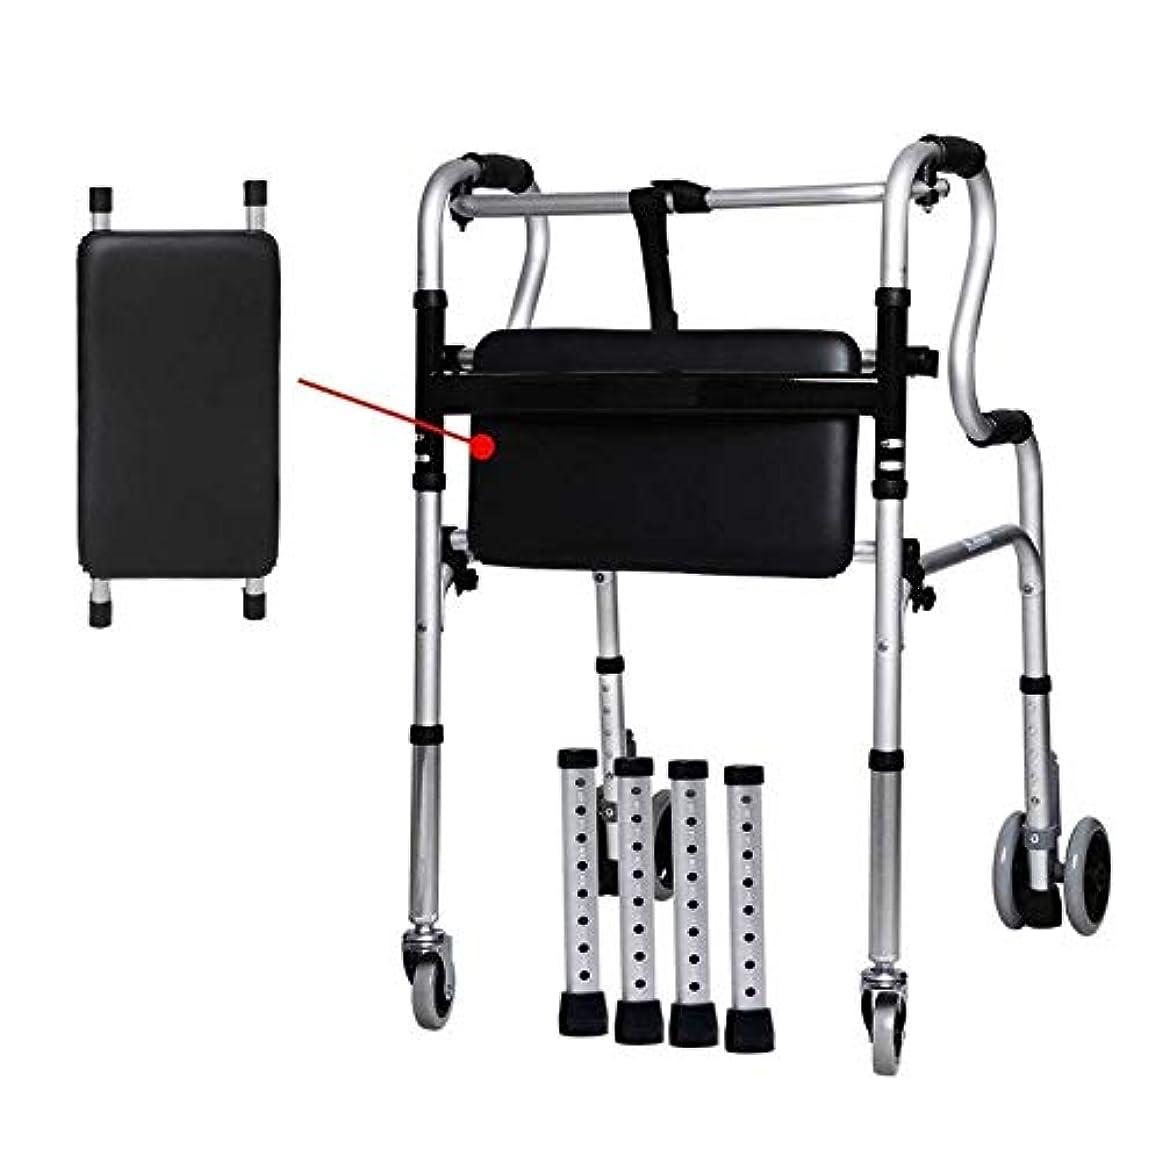 巻き取り福祉以内に車輪が付いている折る歩行者、不具の高齢者のためのロックできるブレーキが付いている軽いアルミ合金4輪歩行者